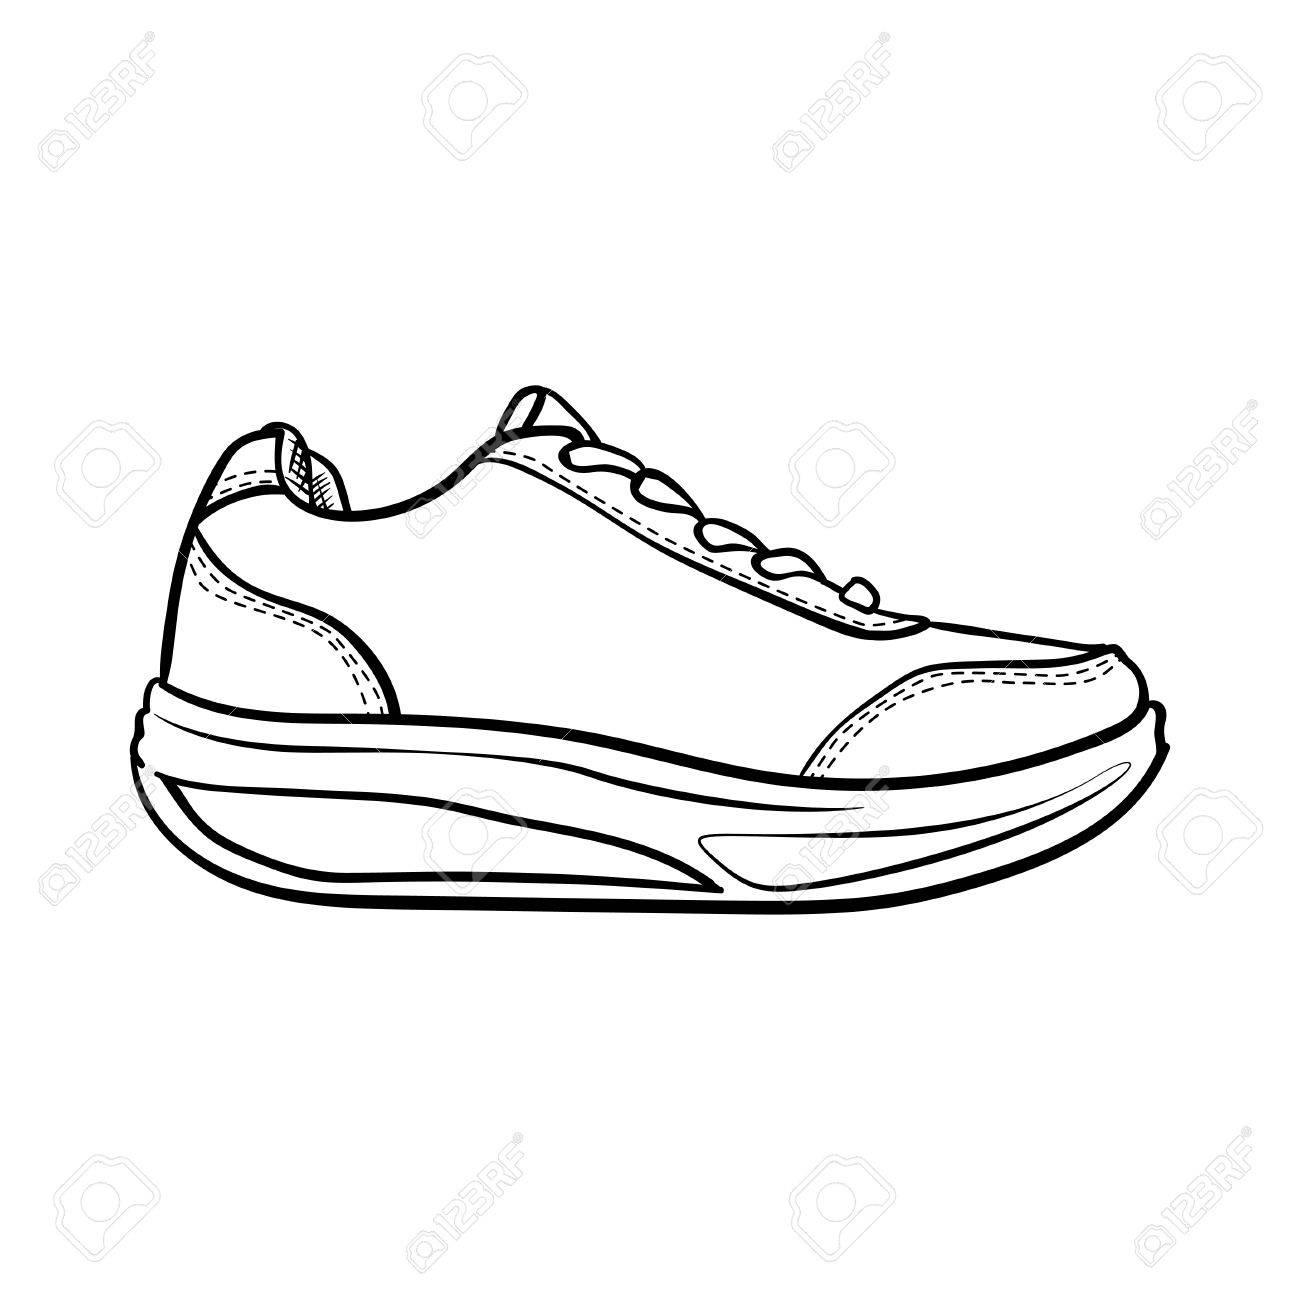 Chaussures contour. sneaker dessin animé isolé sur blanc